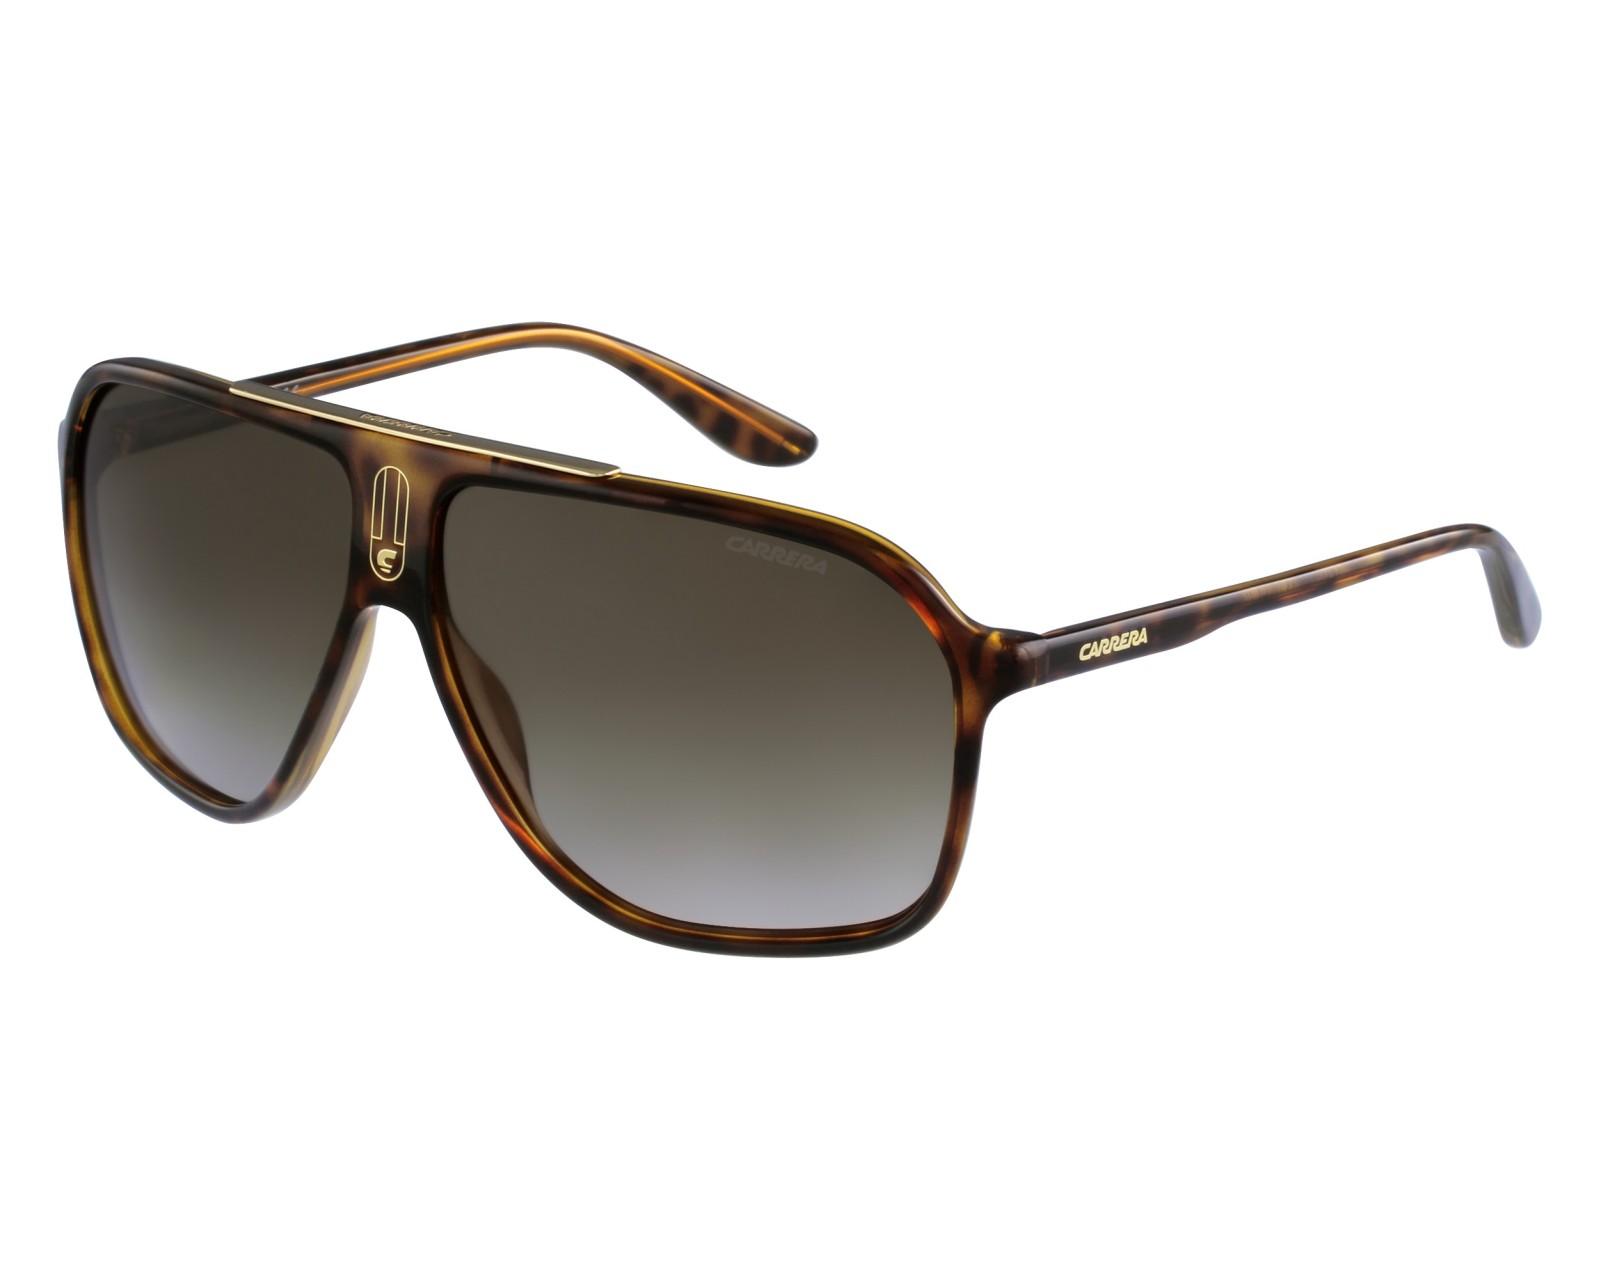 a8aa342348 Gafas de sol Carrera 6016-S DWJ/HA - Marrón vista de frente